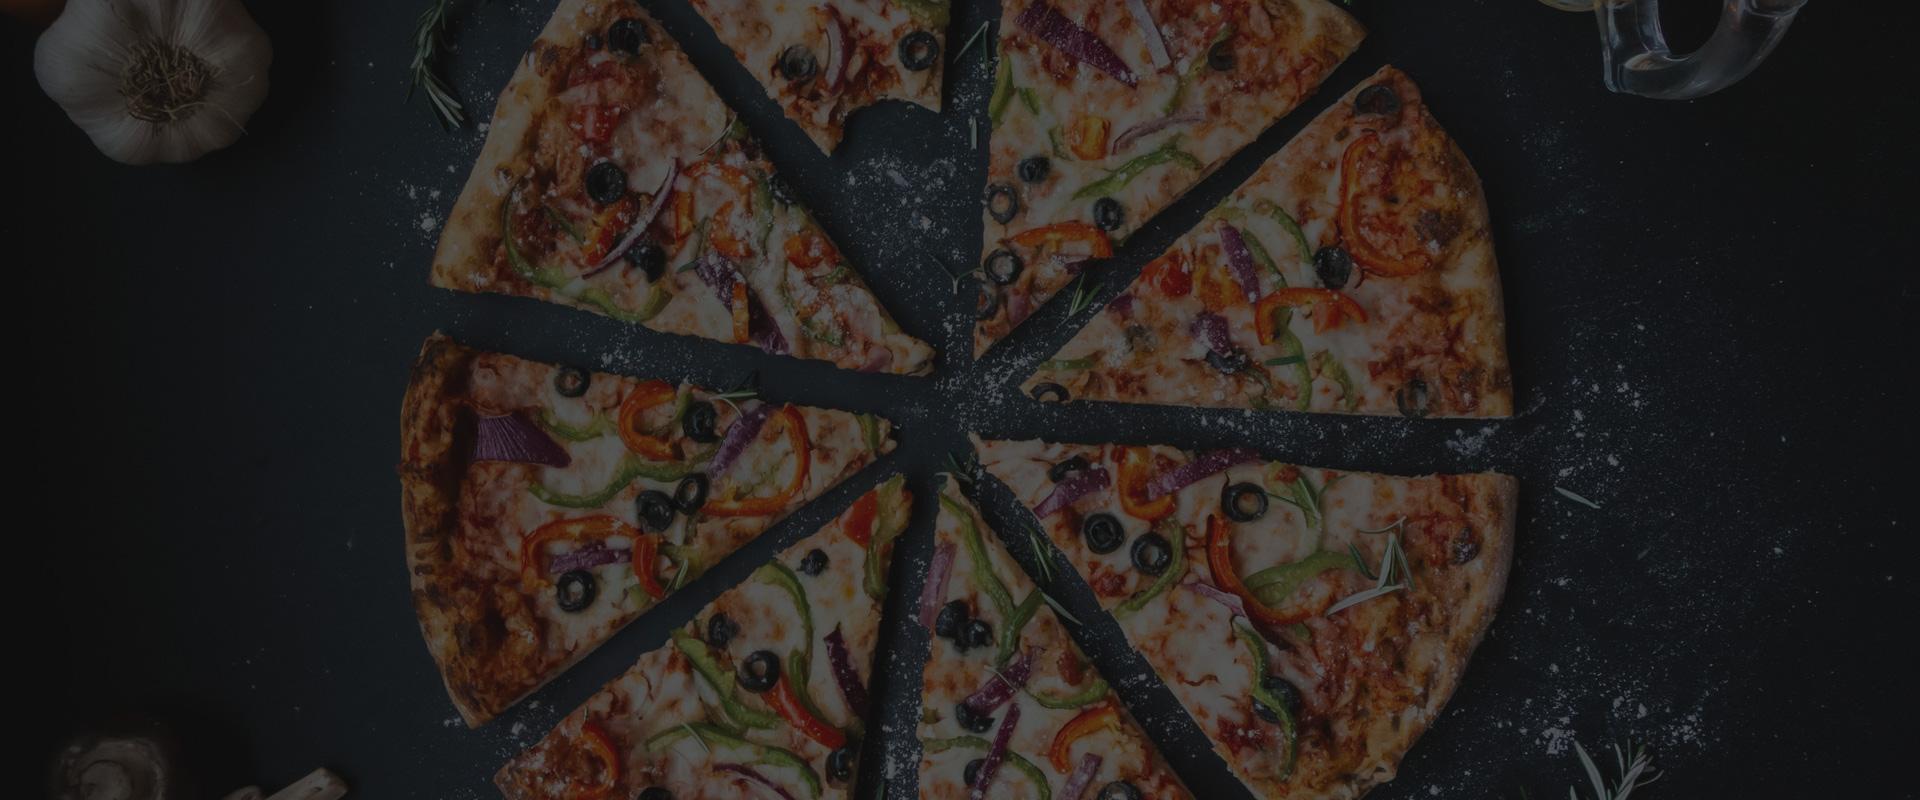 le bui bui restaurant pizzeria mulhouse